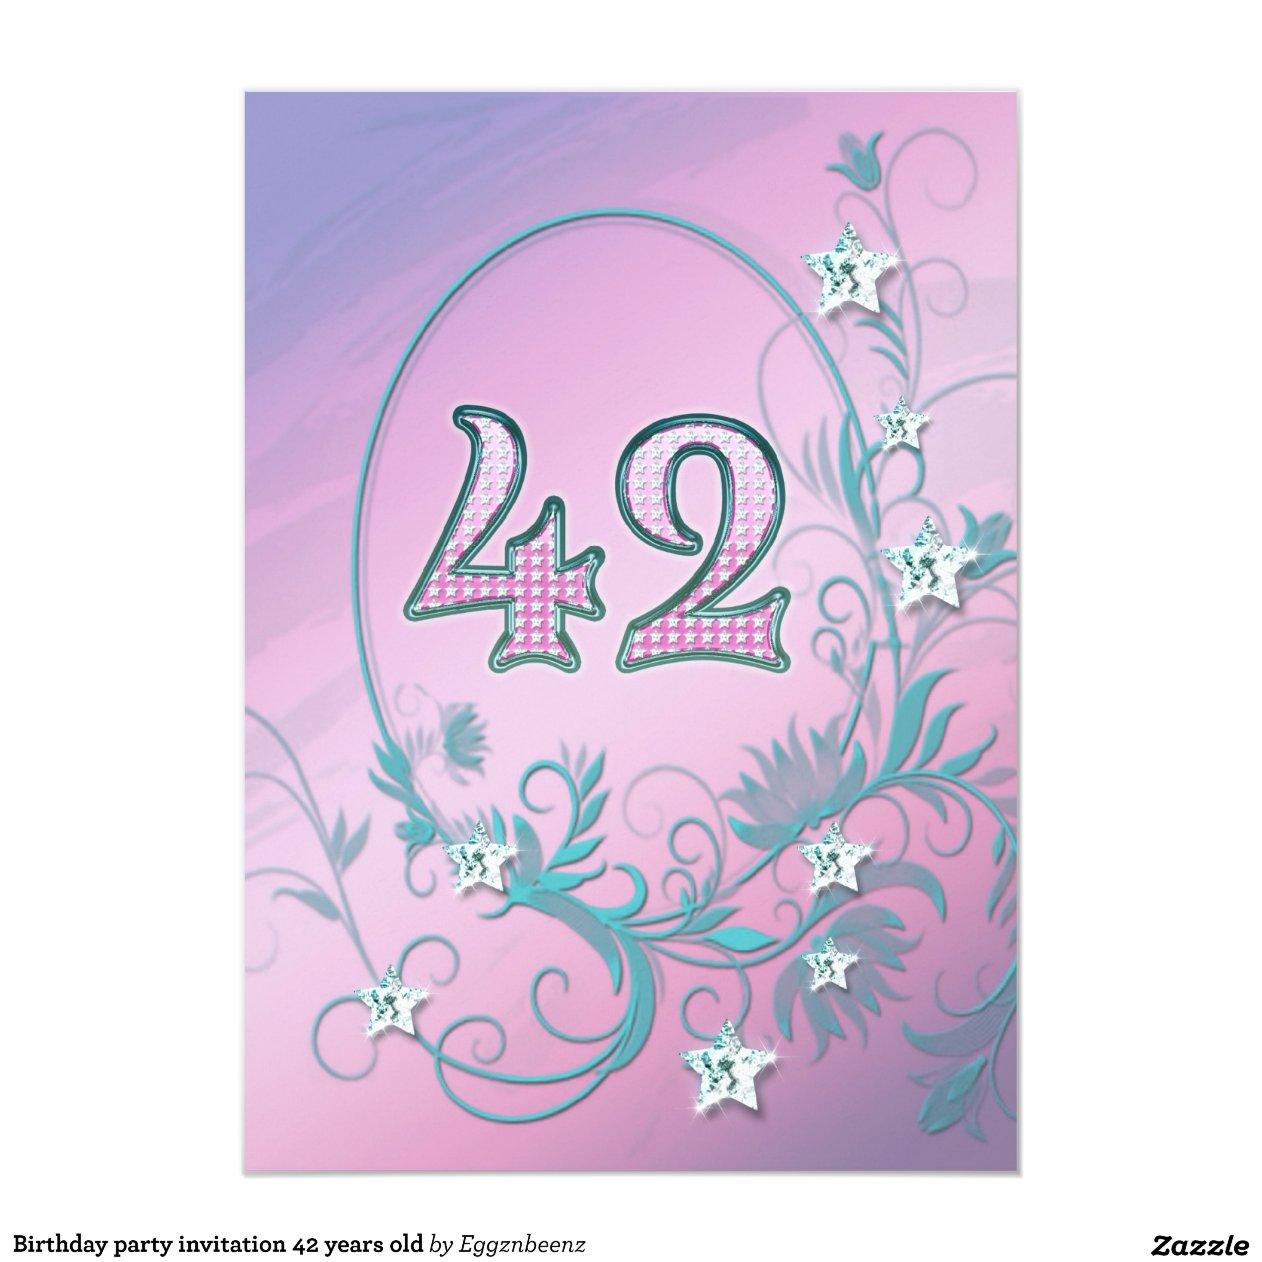 Invitaci n de la fiesta de cumplea os 42 a os zazzle - Fiesta cumpleanos 8 anos ...